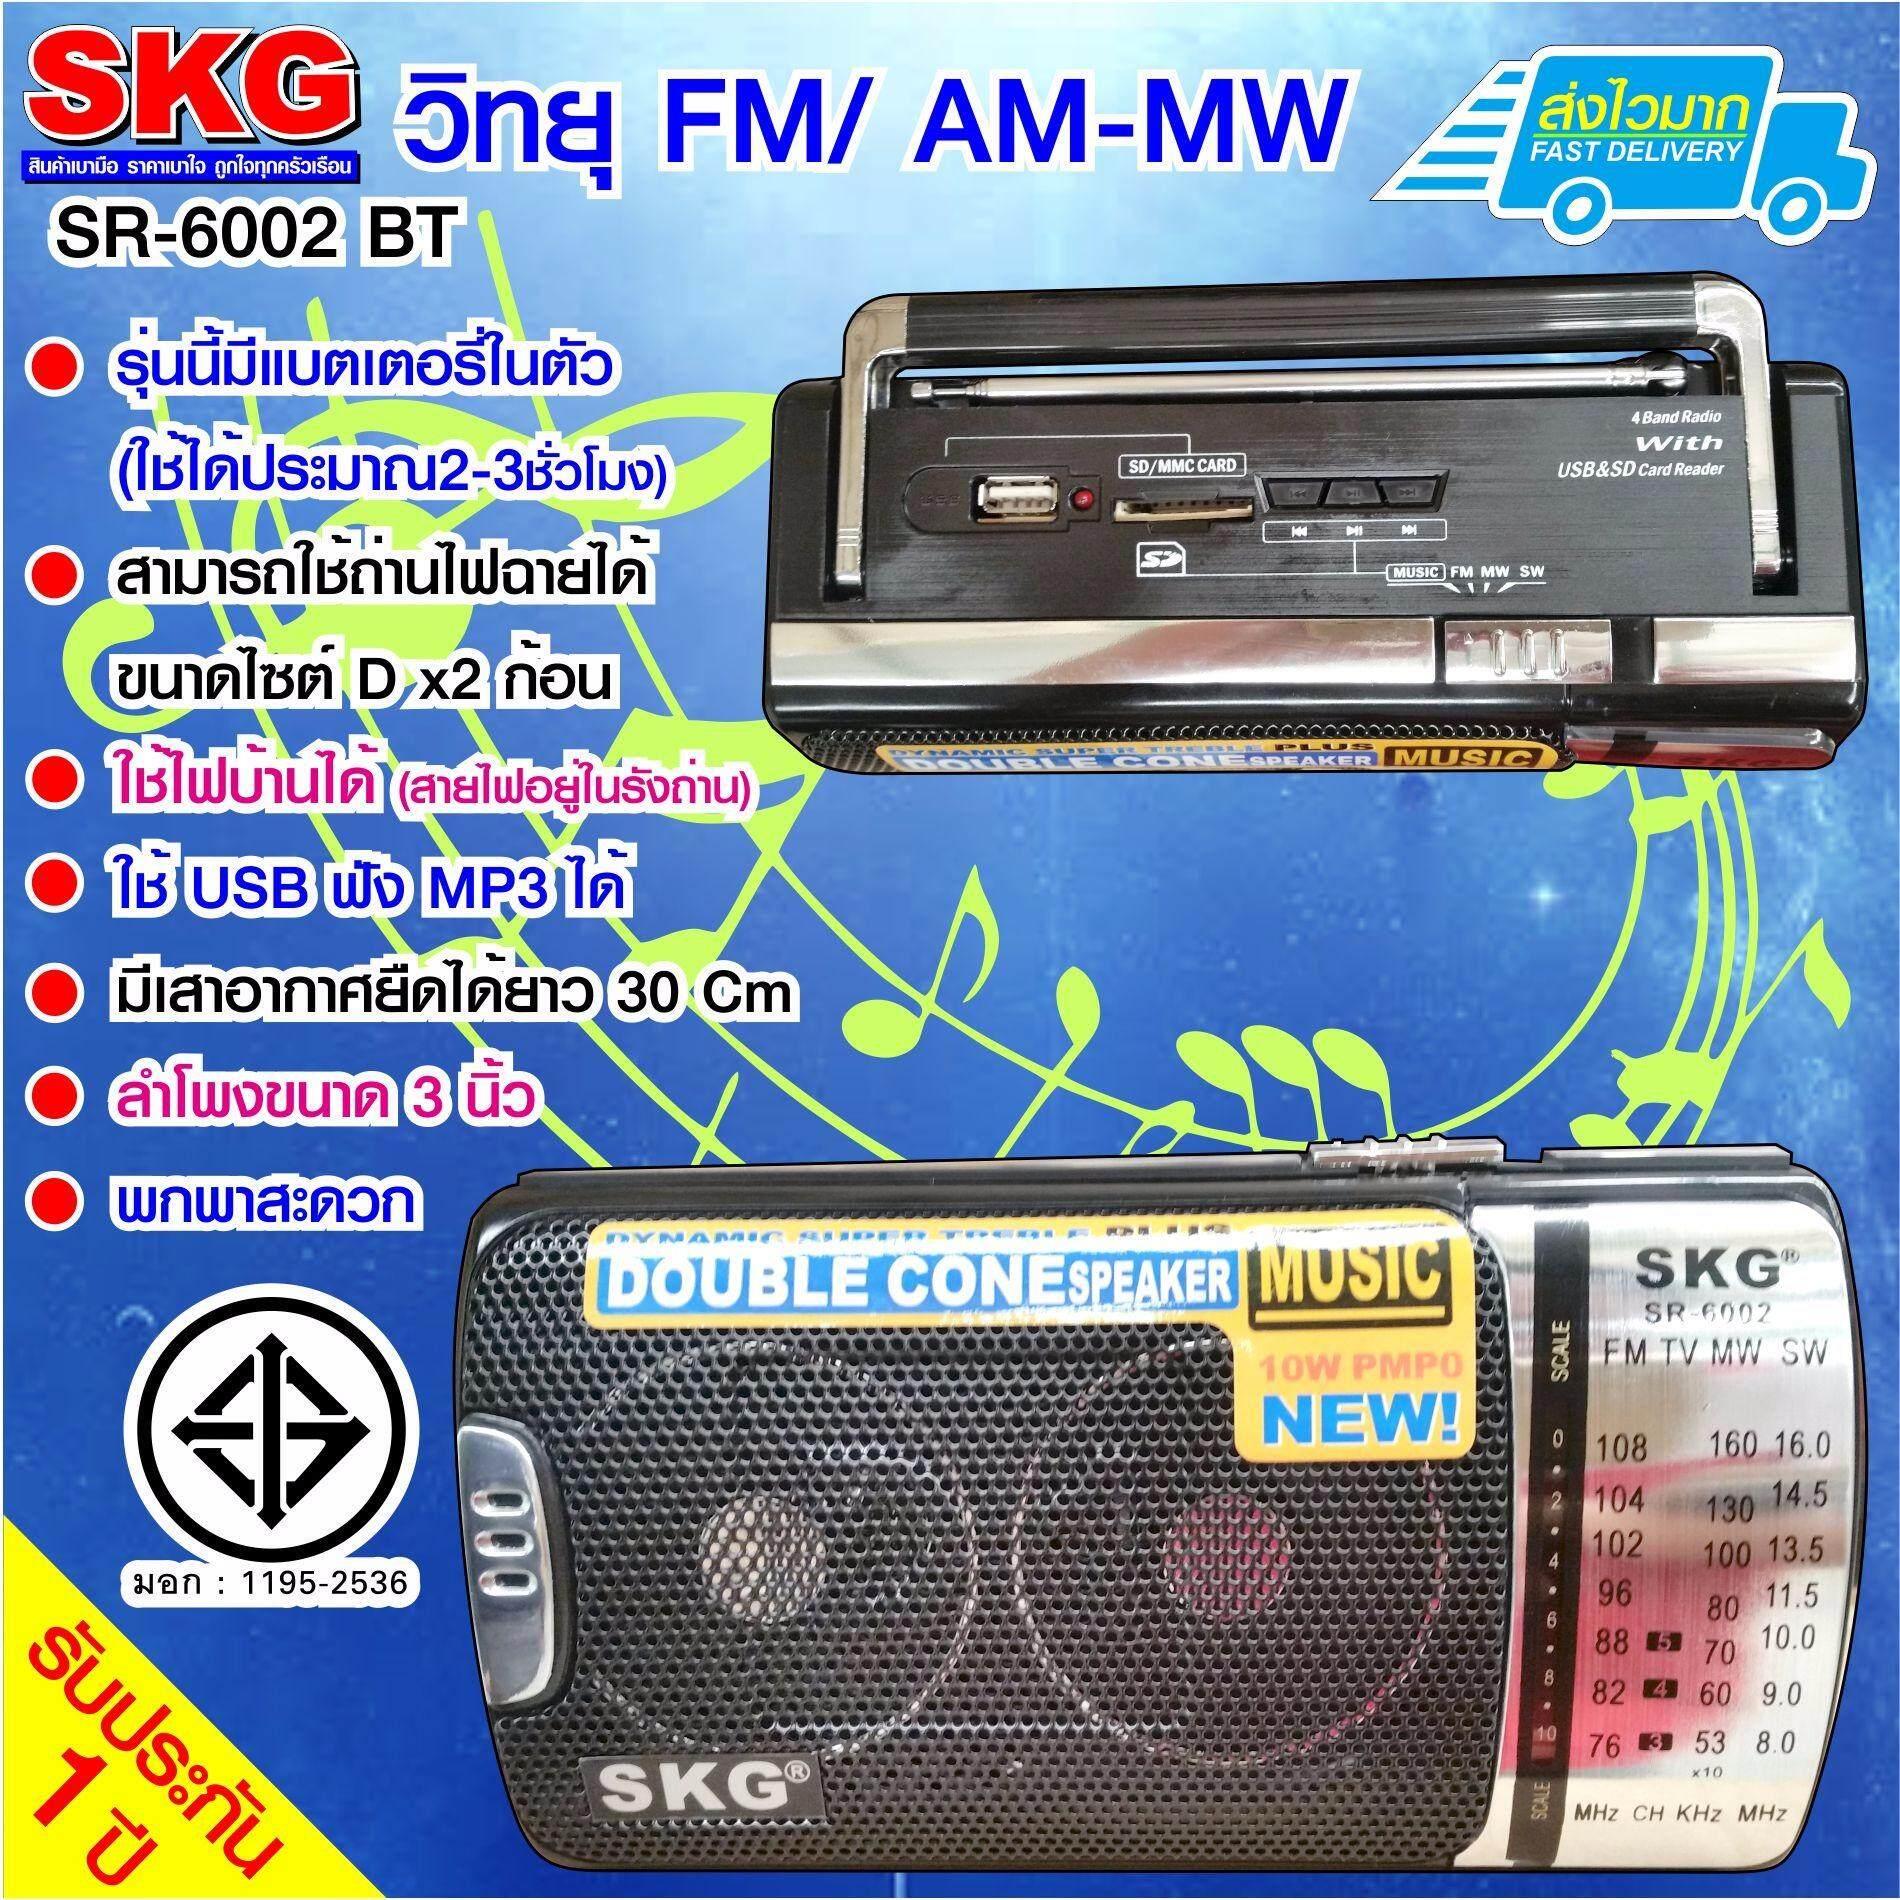 SKG วิทยุ รุ่น SR-6002 BT - สีดำ